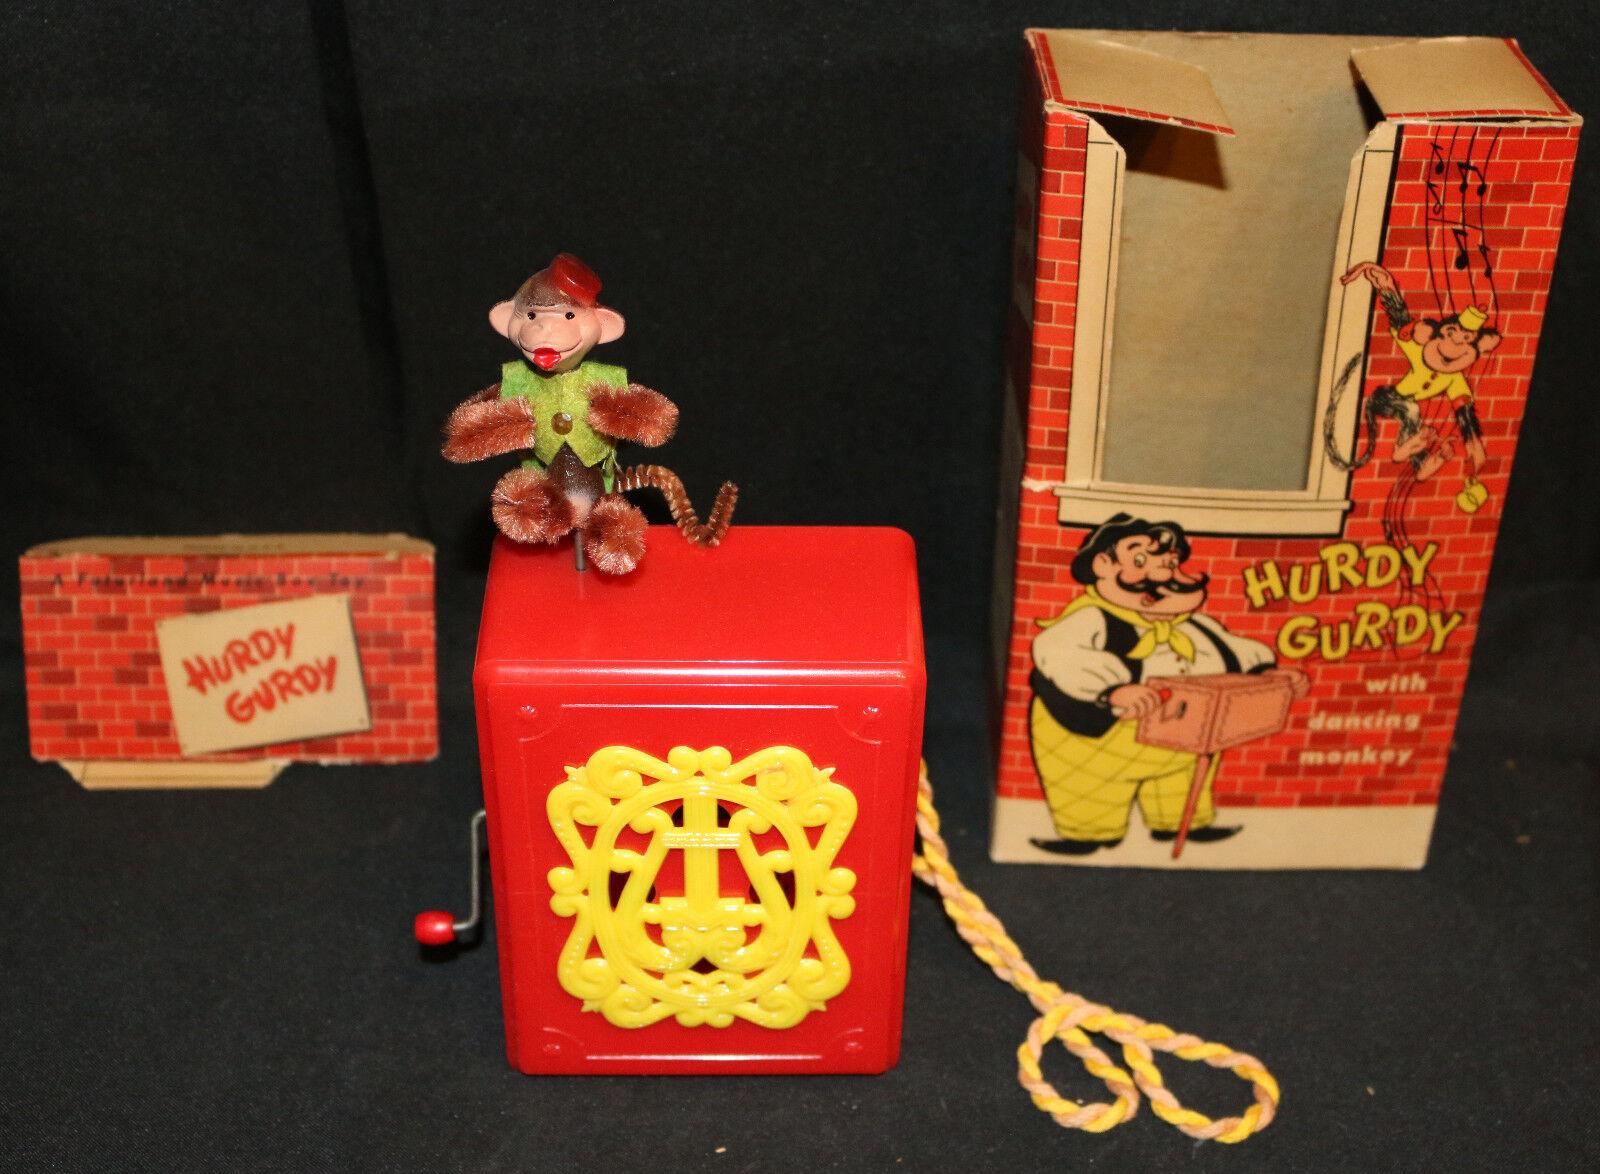 Mattel Hurdy Gurdy musik låda årgång leksak (MIB) Funkar inte